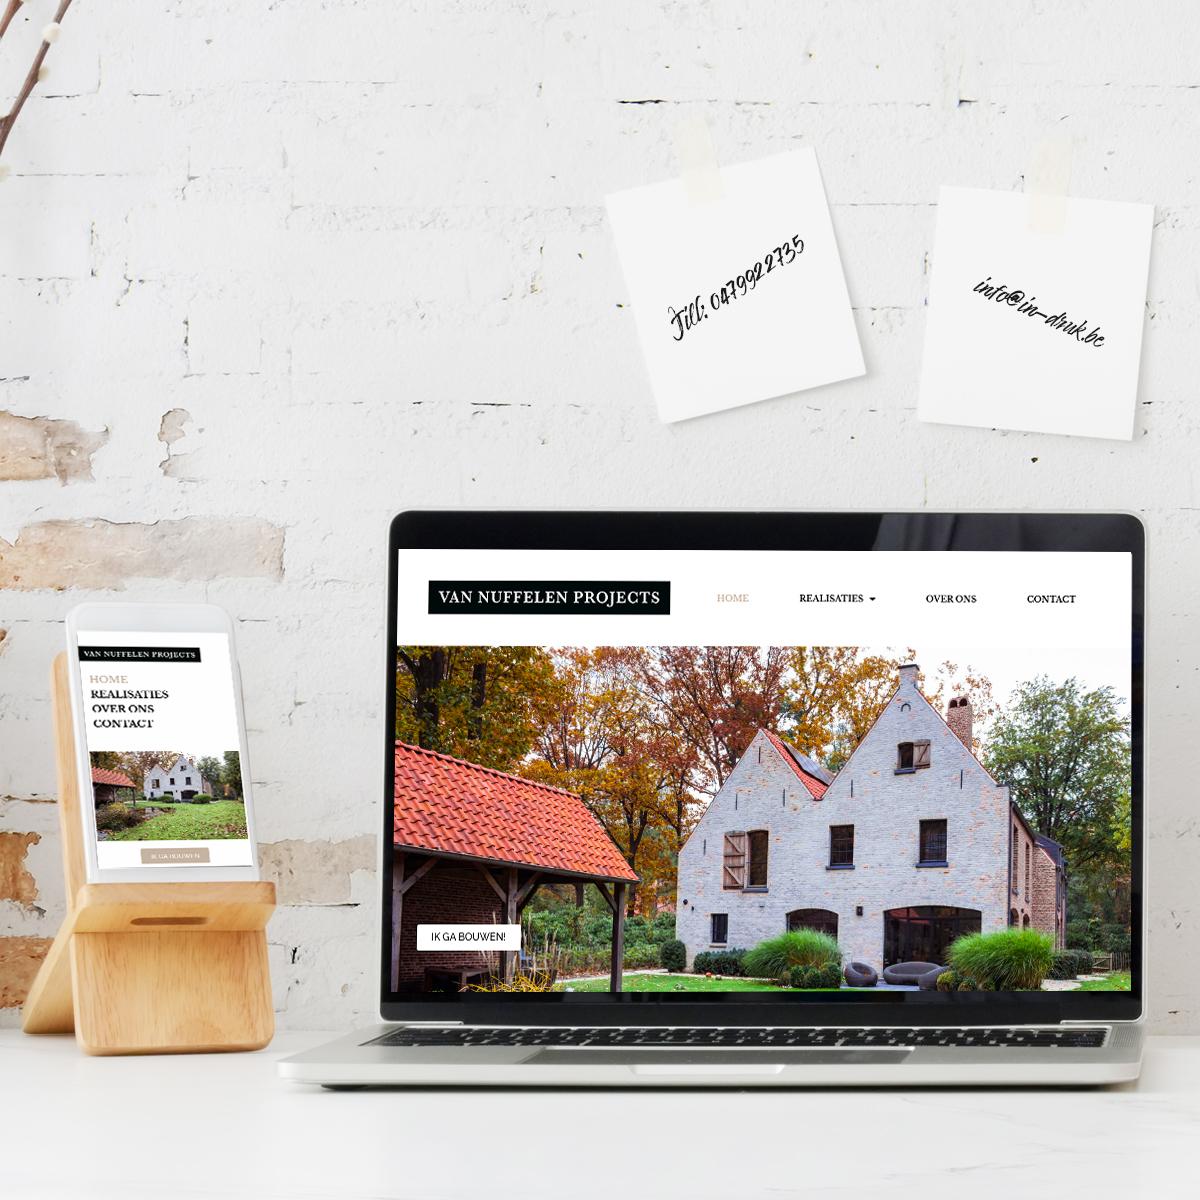 website van nuffelen projects